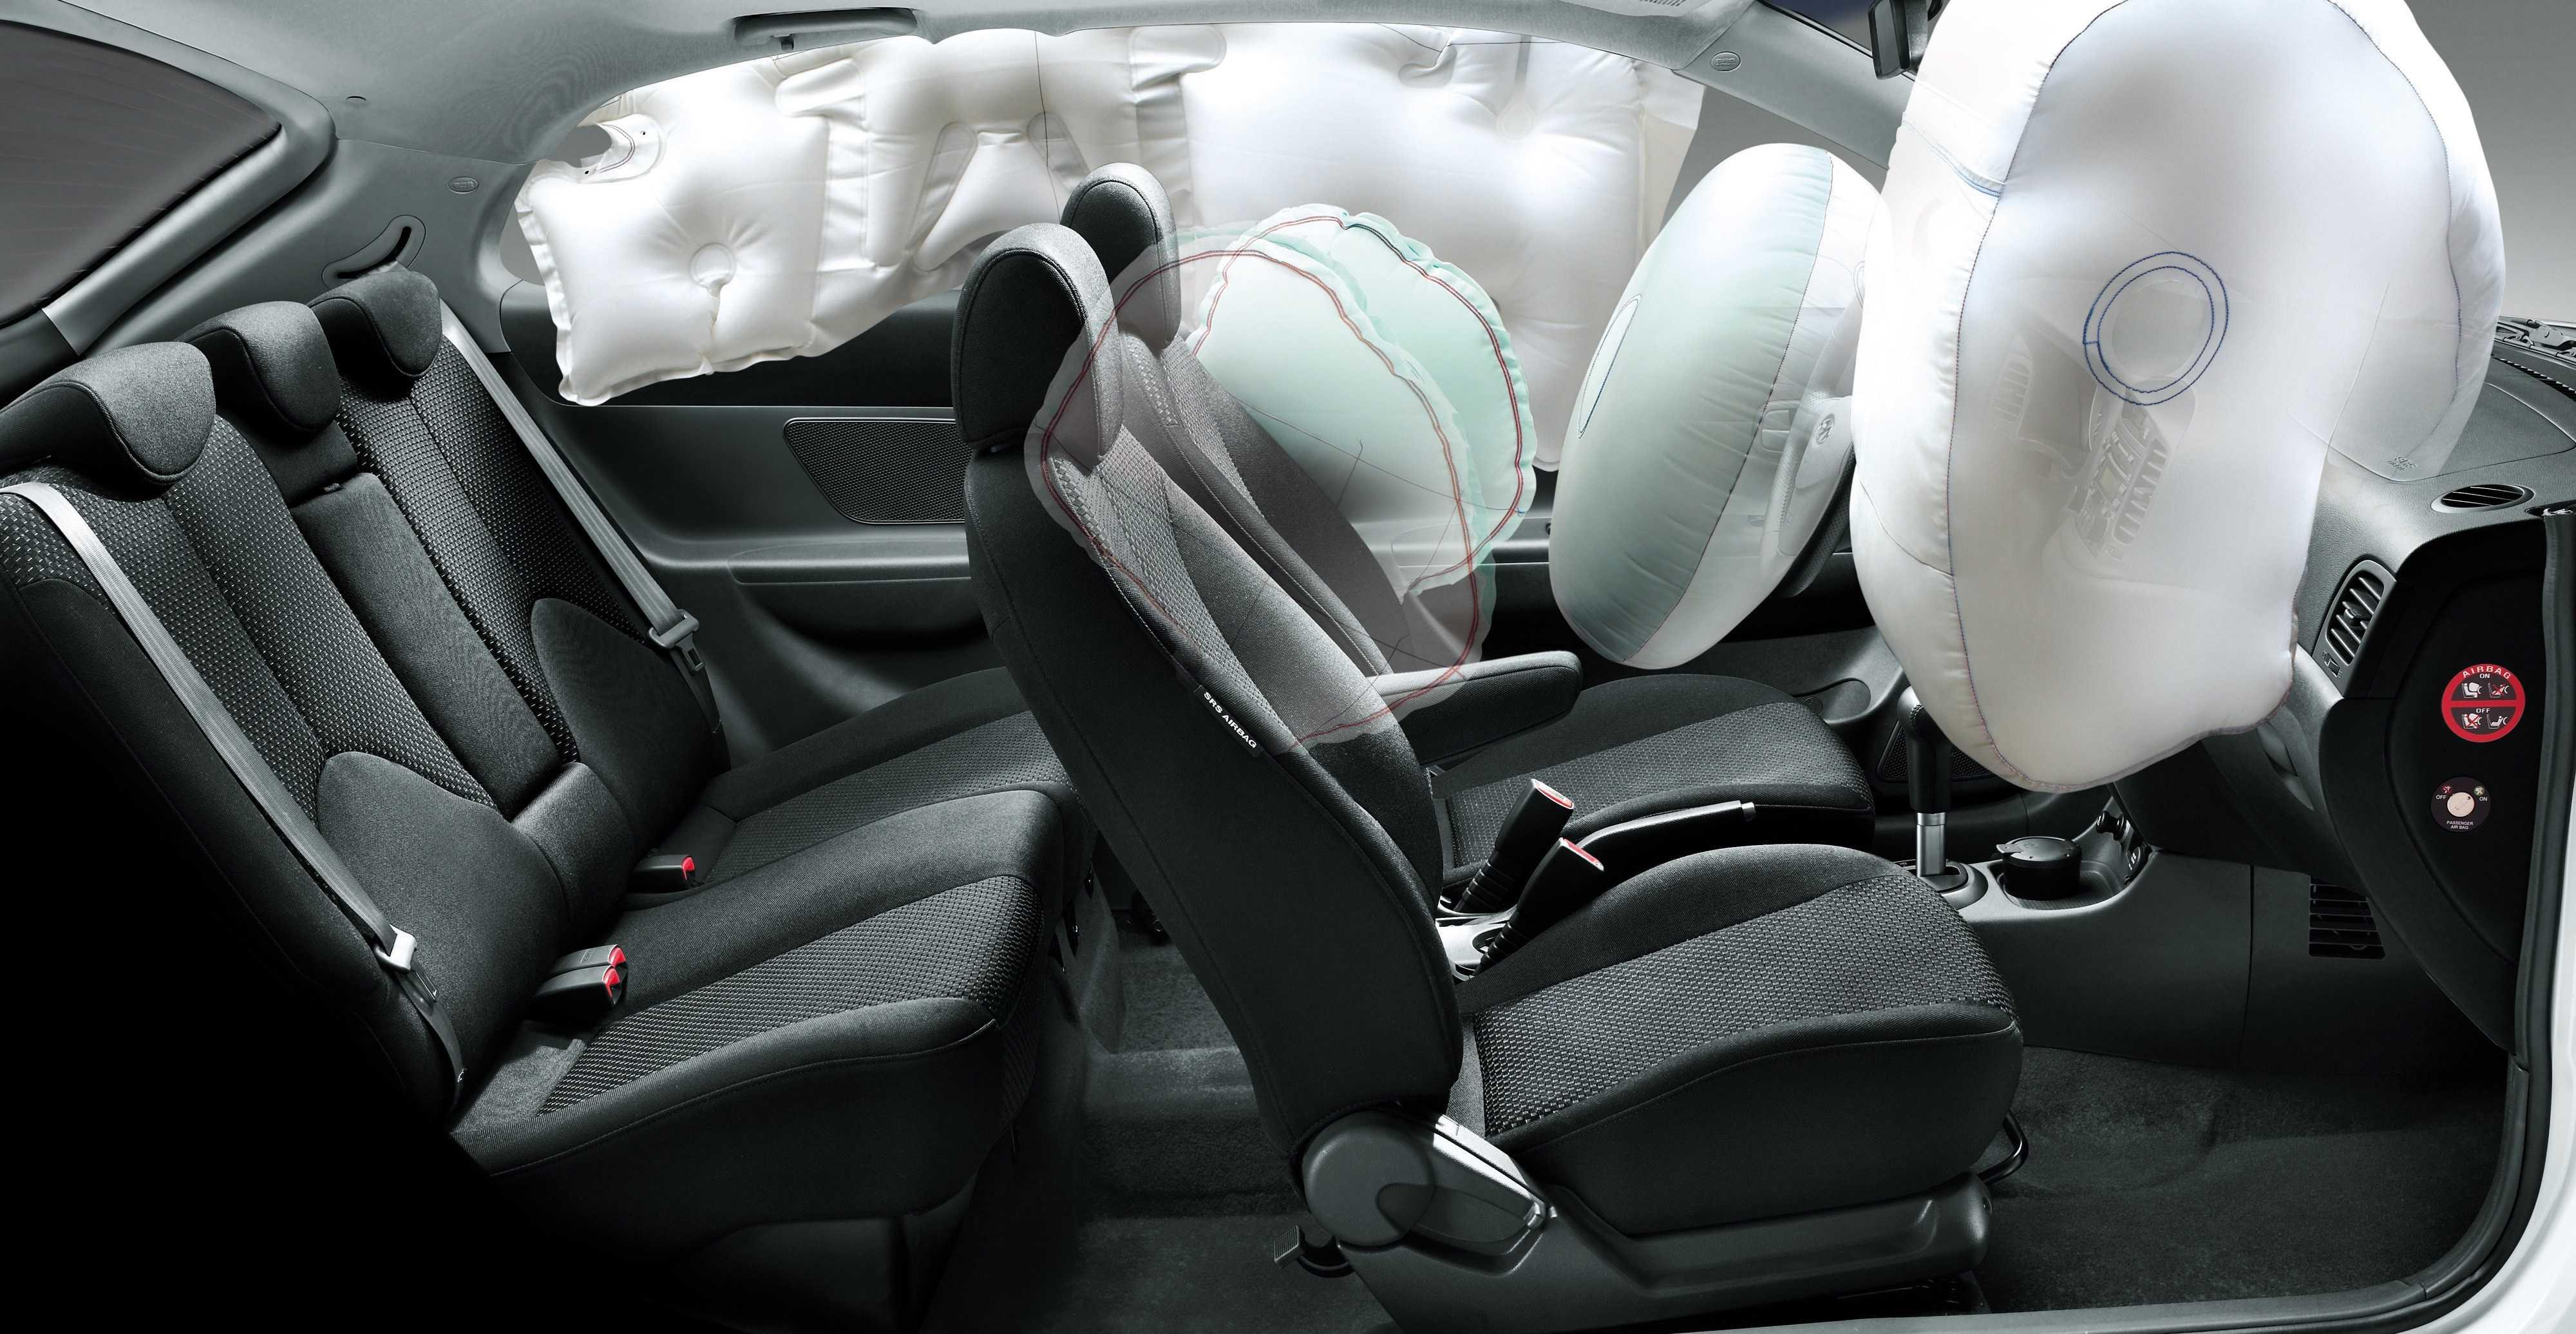 2007 hyundai accent sedan interior